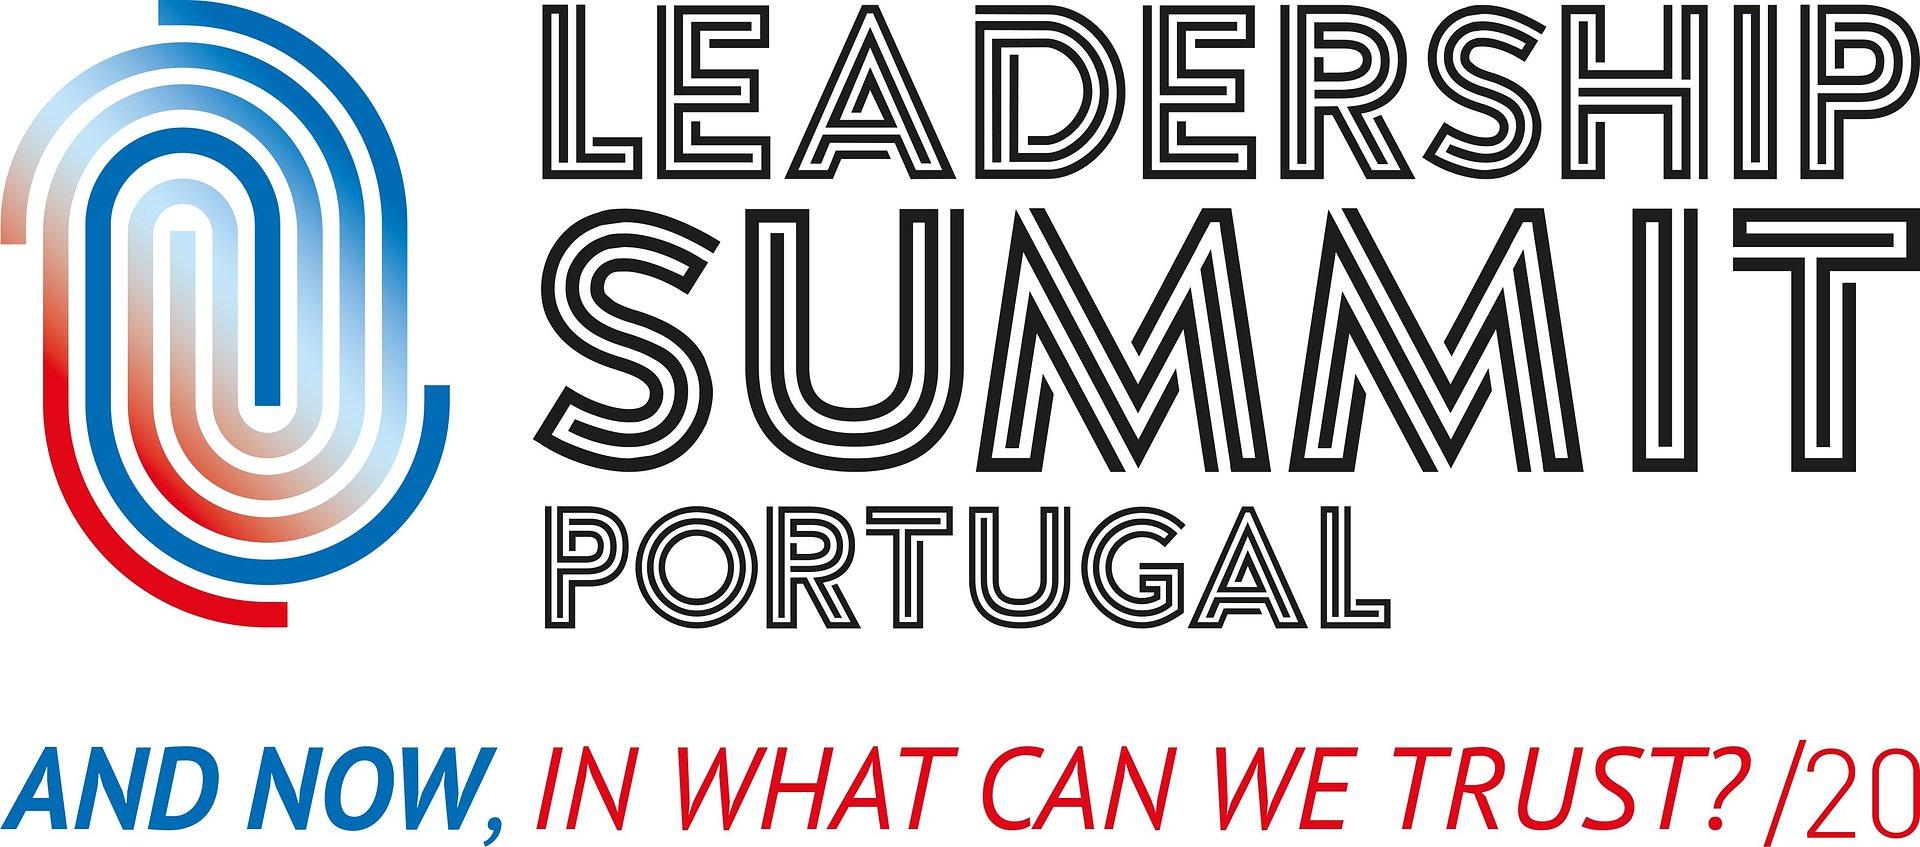 Leadership Summit Portugal debate em outubro as tendências de liderança no mundo pós-COVID